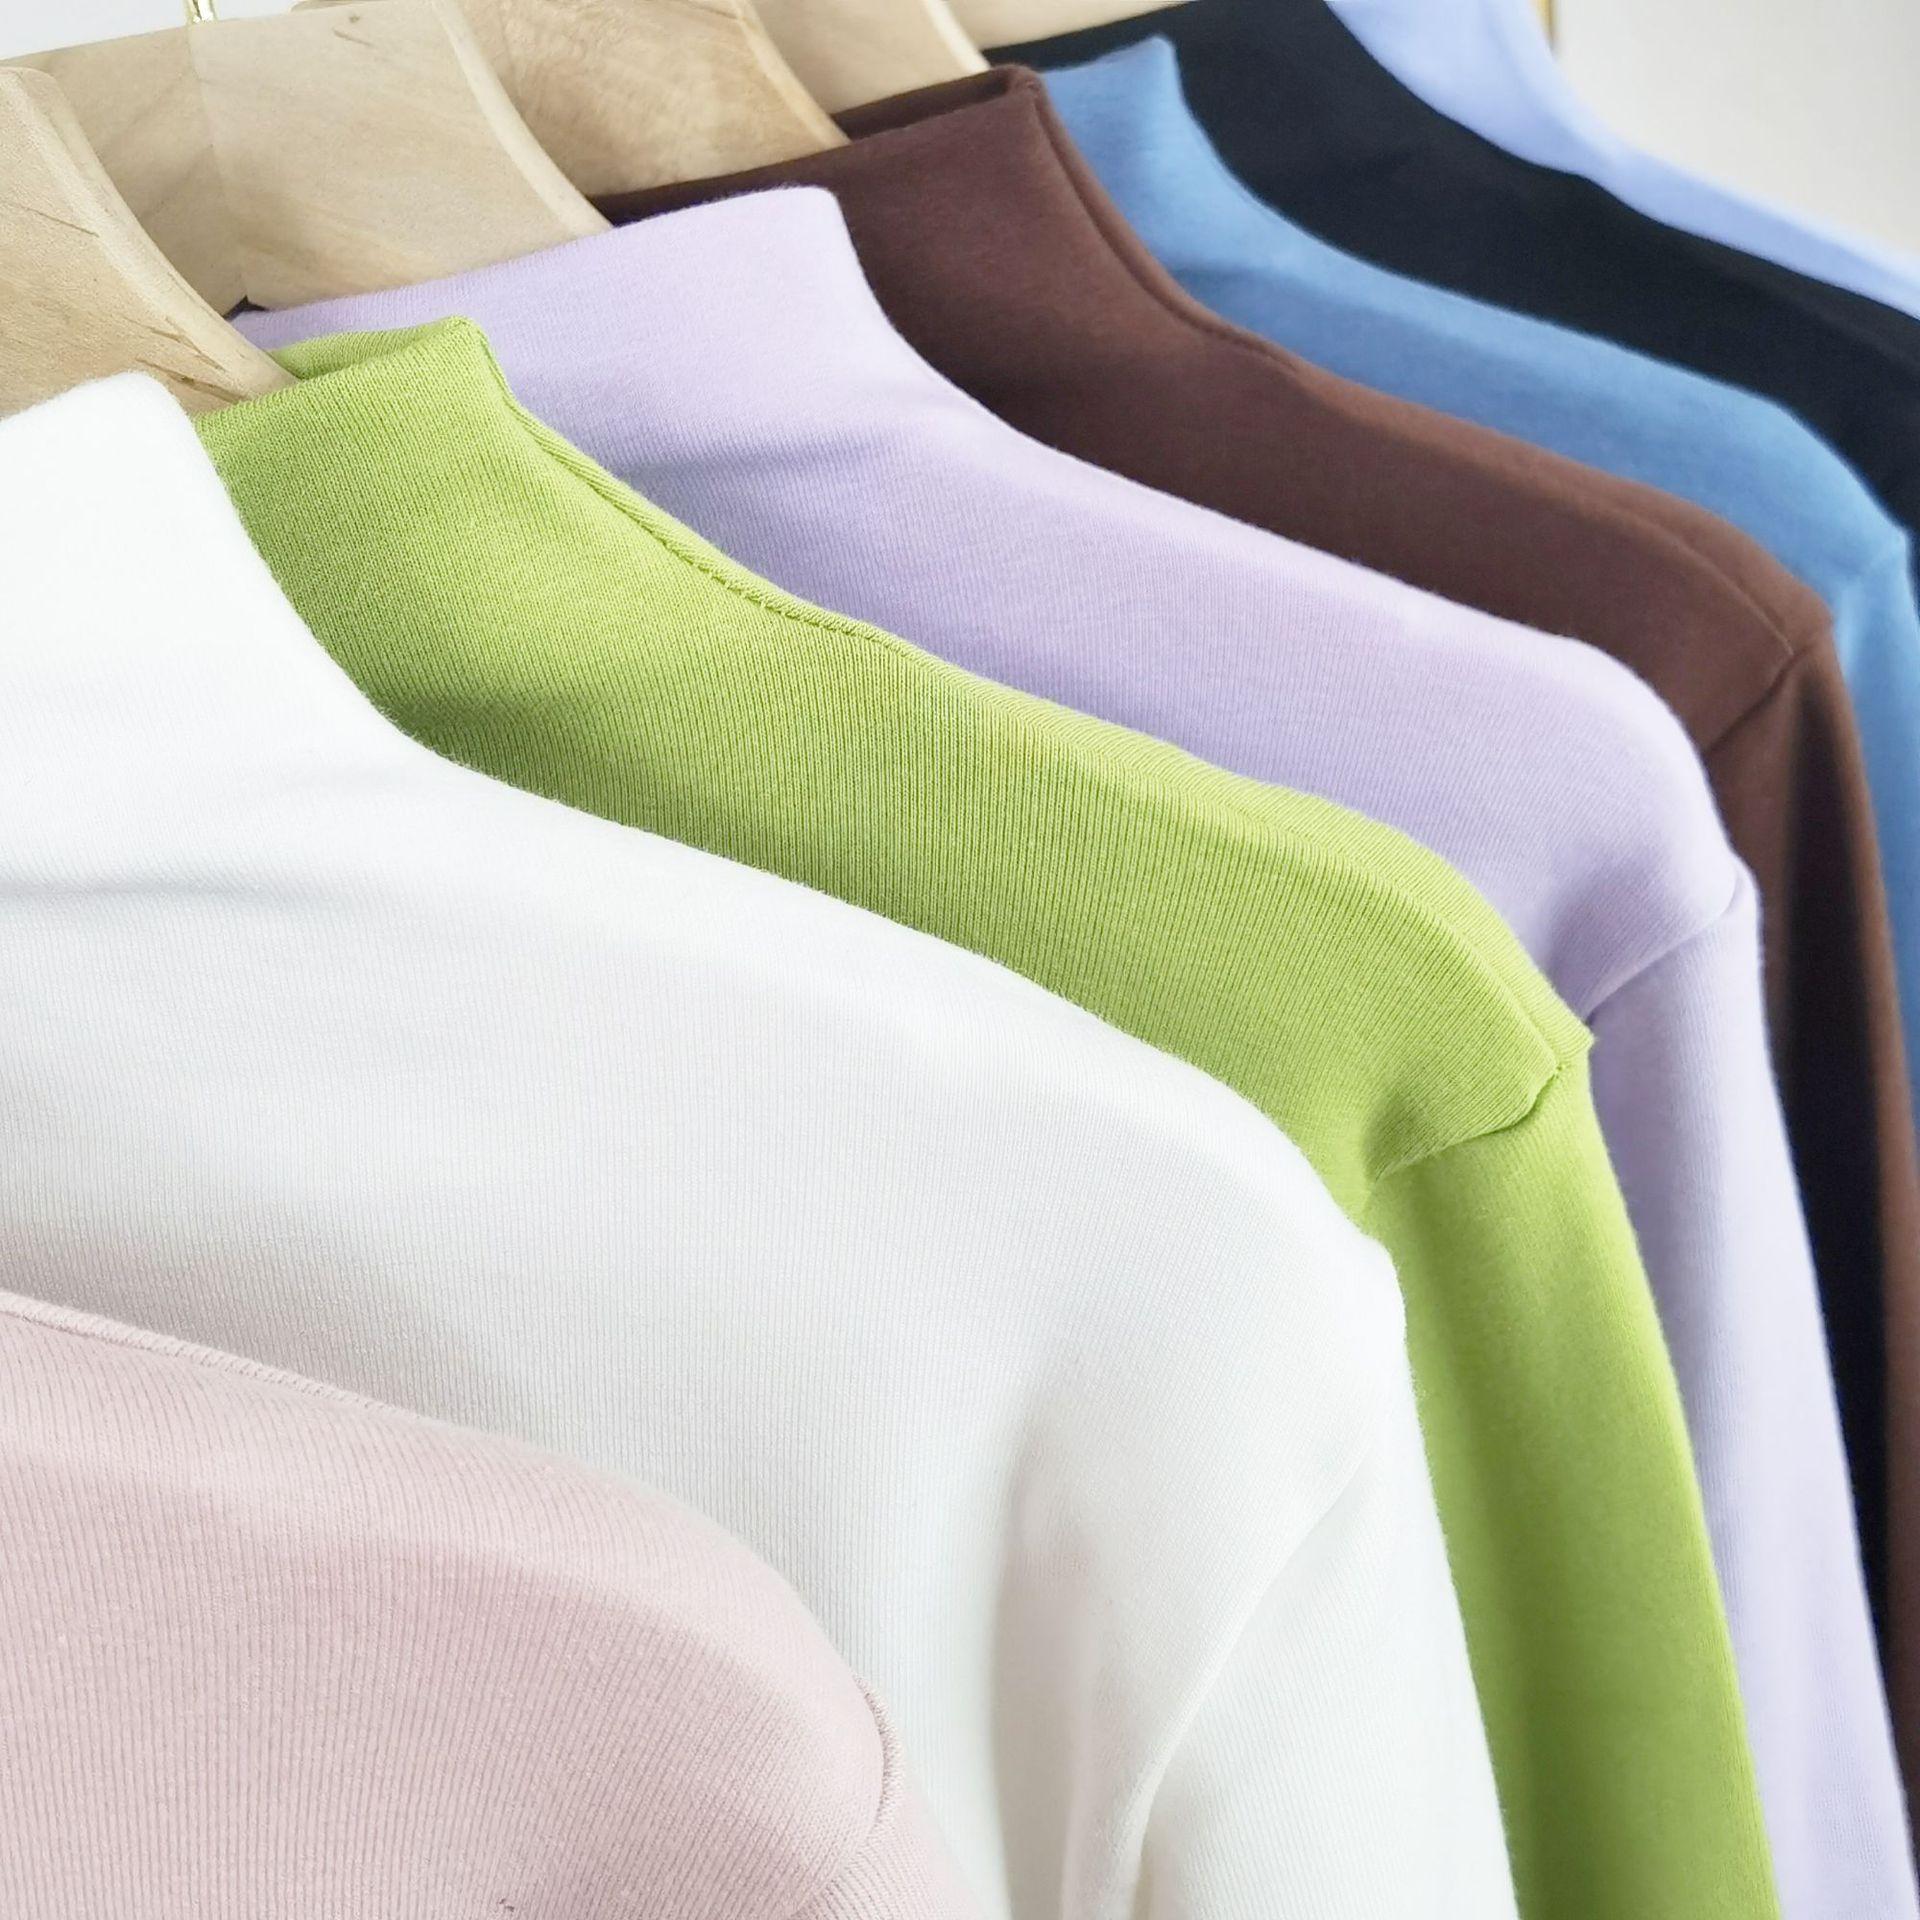 2020 Женская водолазка на заказ, Женский вязаный пуловер с высоким воротником для девушек, большие размеры, пуловеры с высоким воротником, одежда для дам